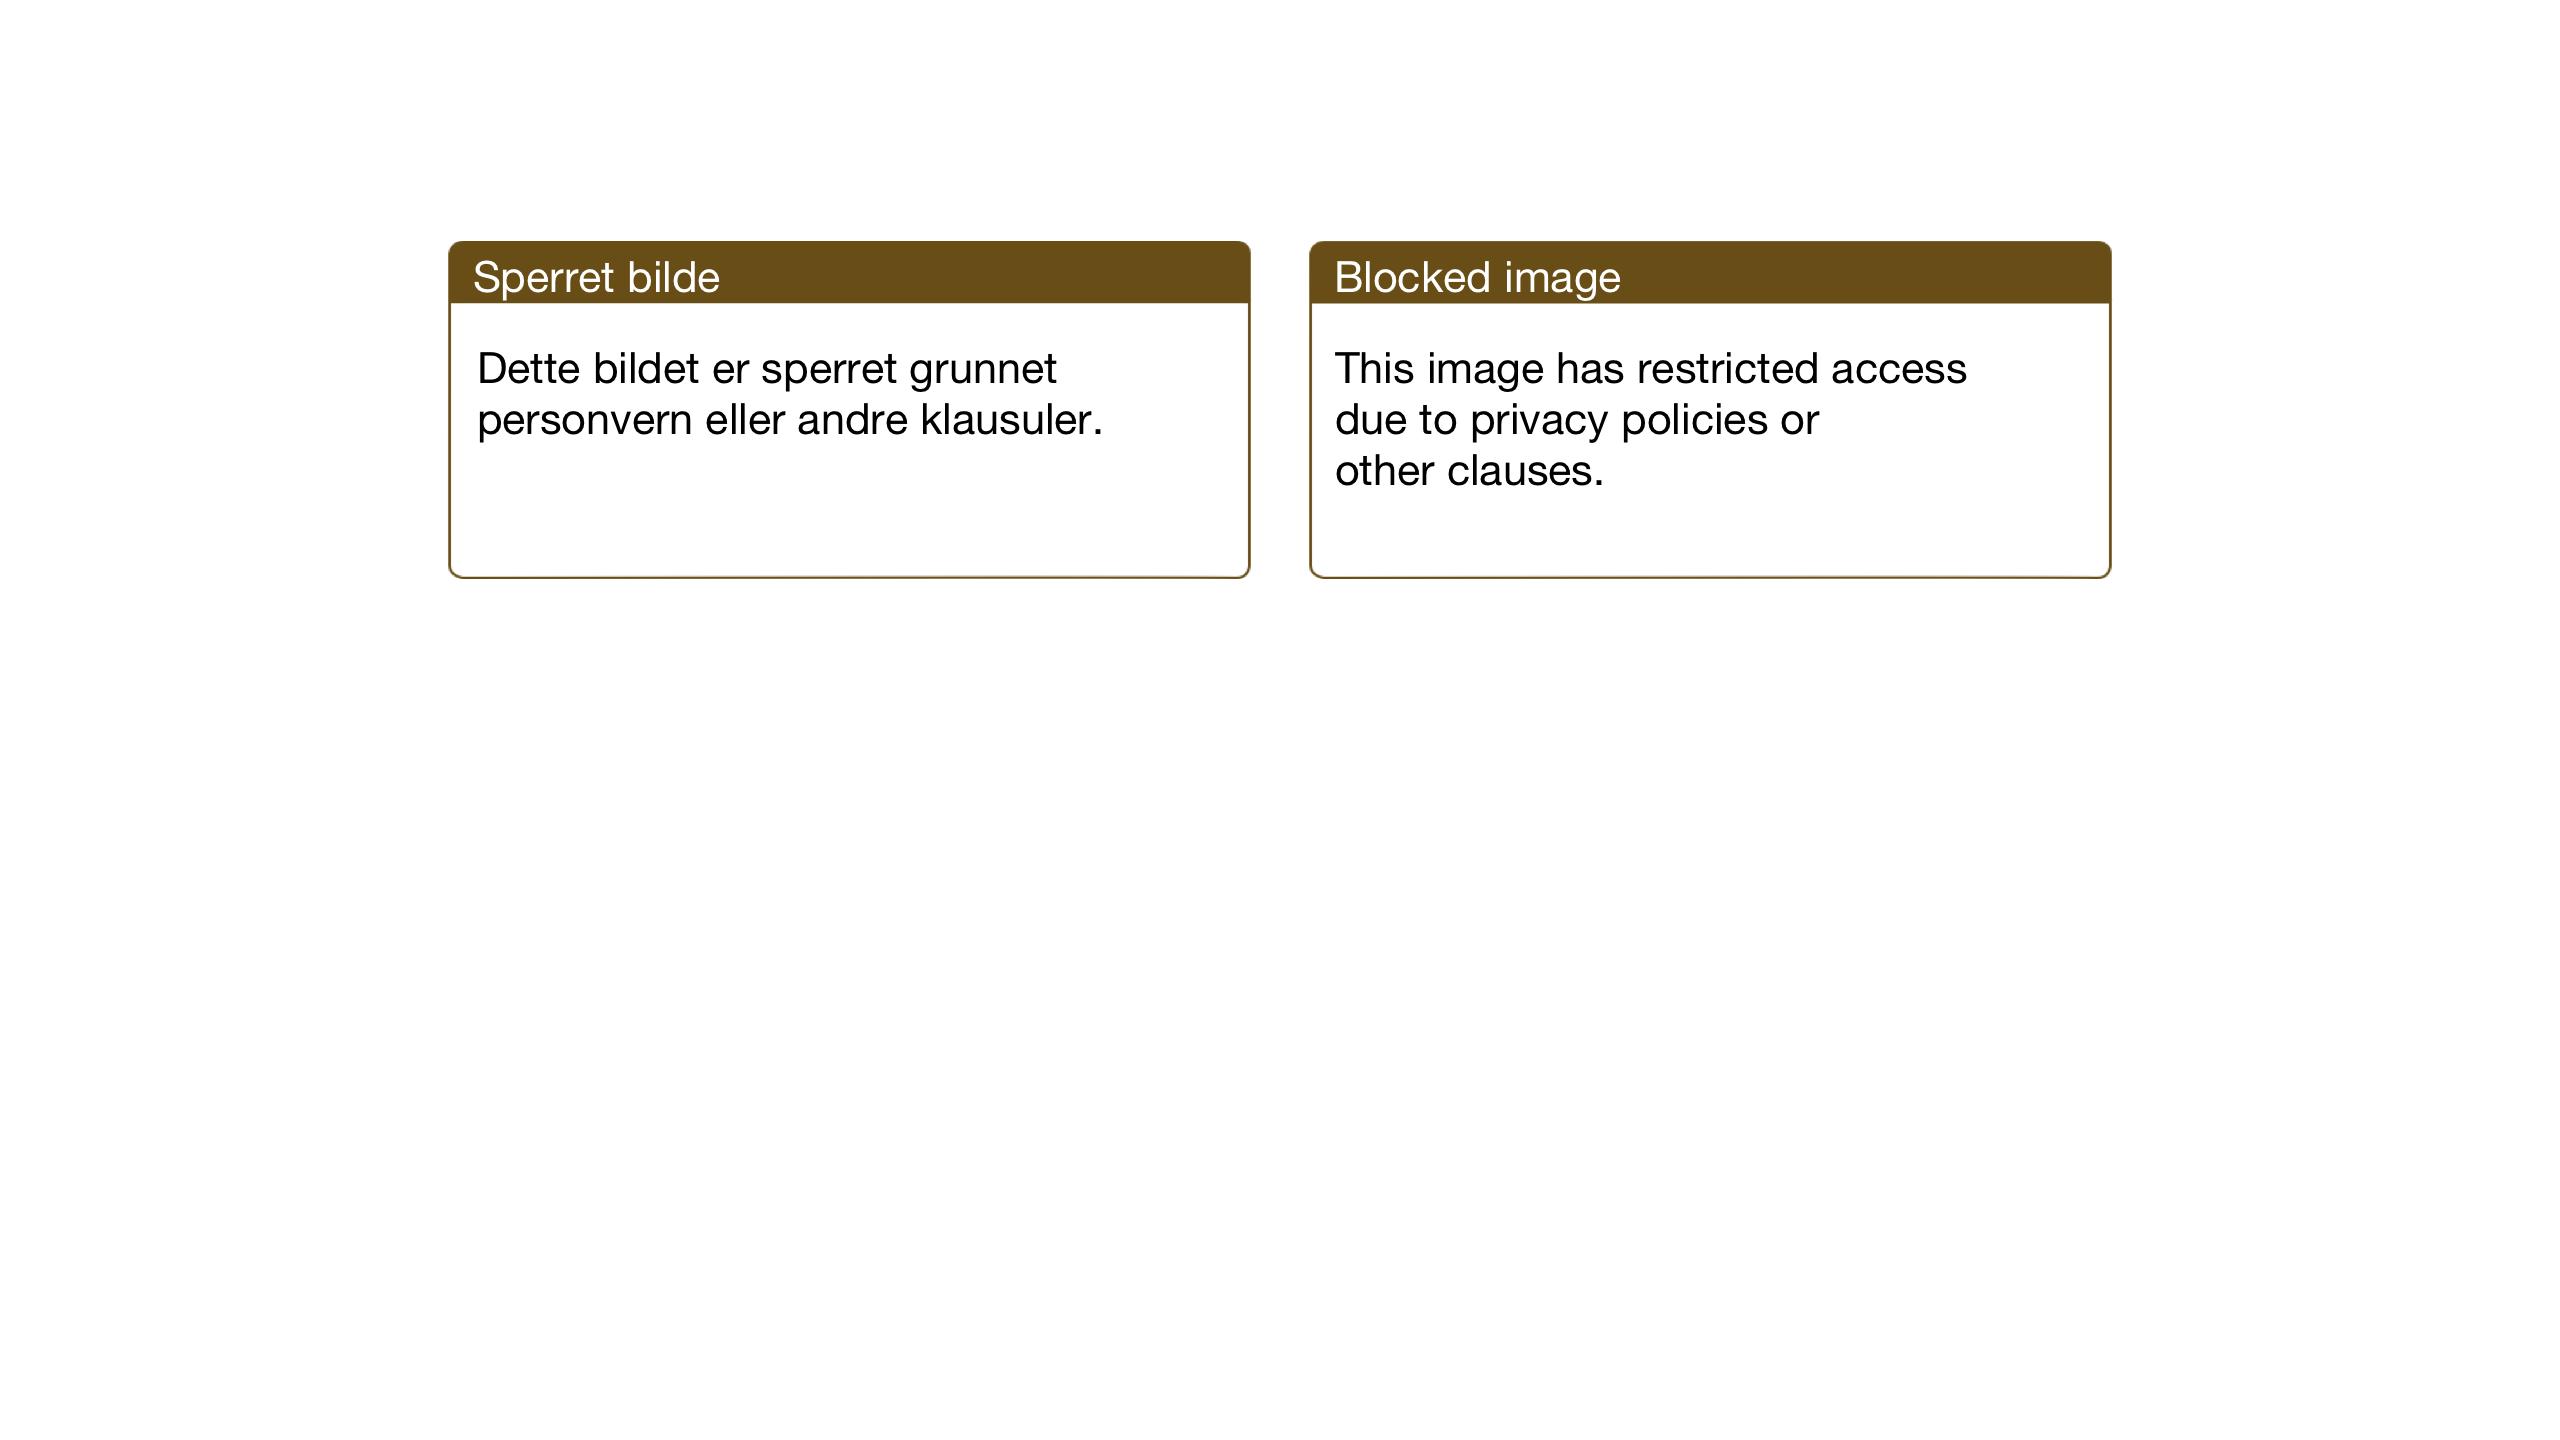 SAT, Ministerialprotokoller, klokkerbøker og fødselsregistre - Sør-Trøndelag, 653/L0658: Klokkerbok nr. 653C02, 1919-1947, s. 61